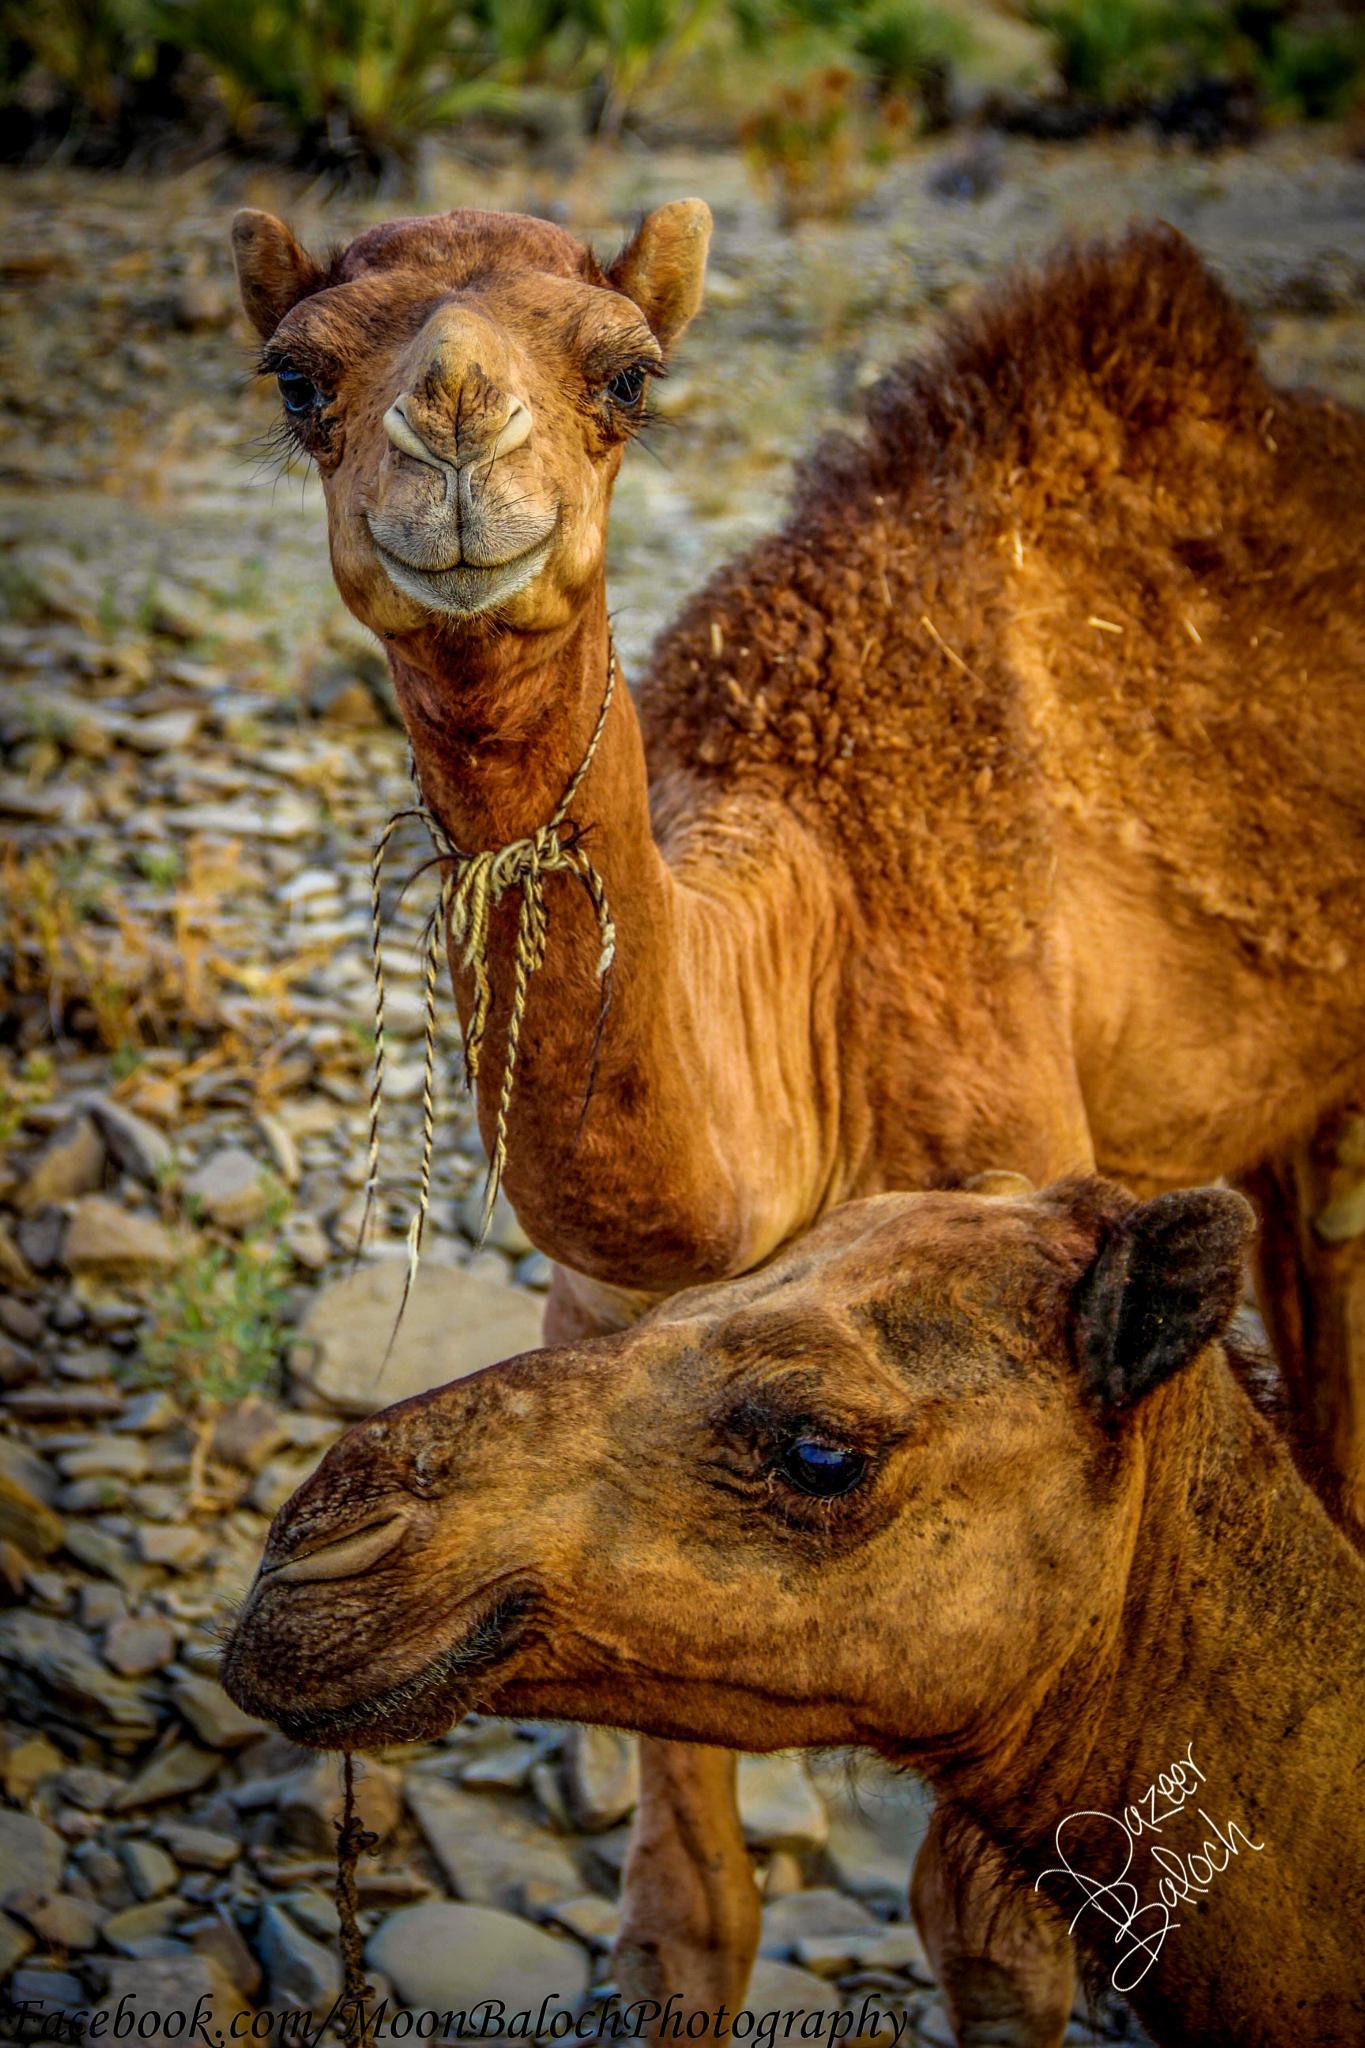 Camel by MoonBaloch